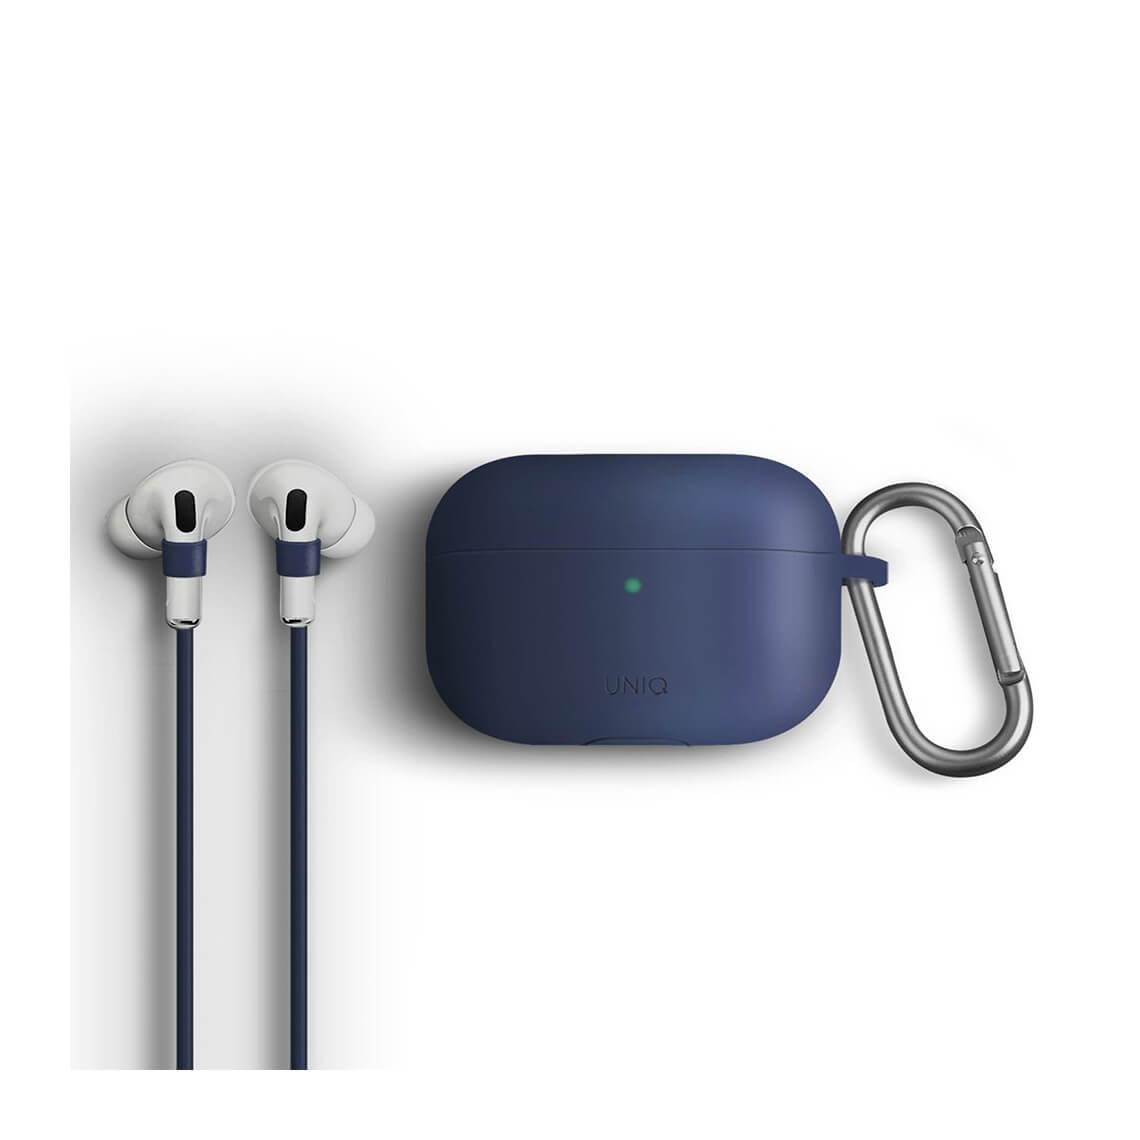 کاور یونیک مدل vencer برای اپل ایرپادز پرو